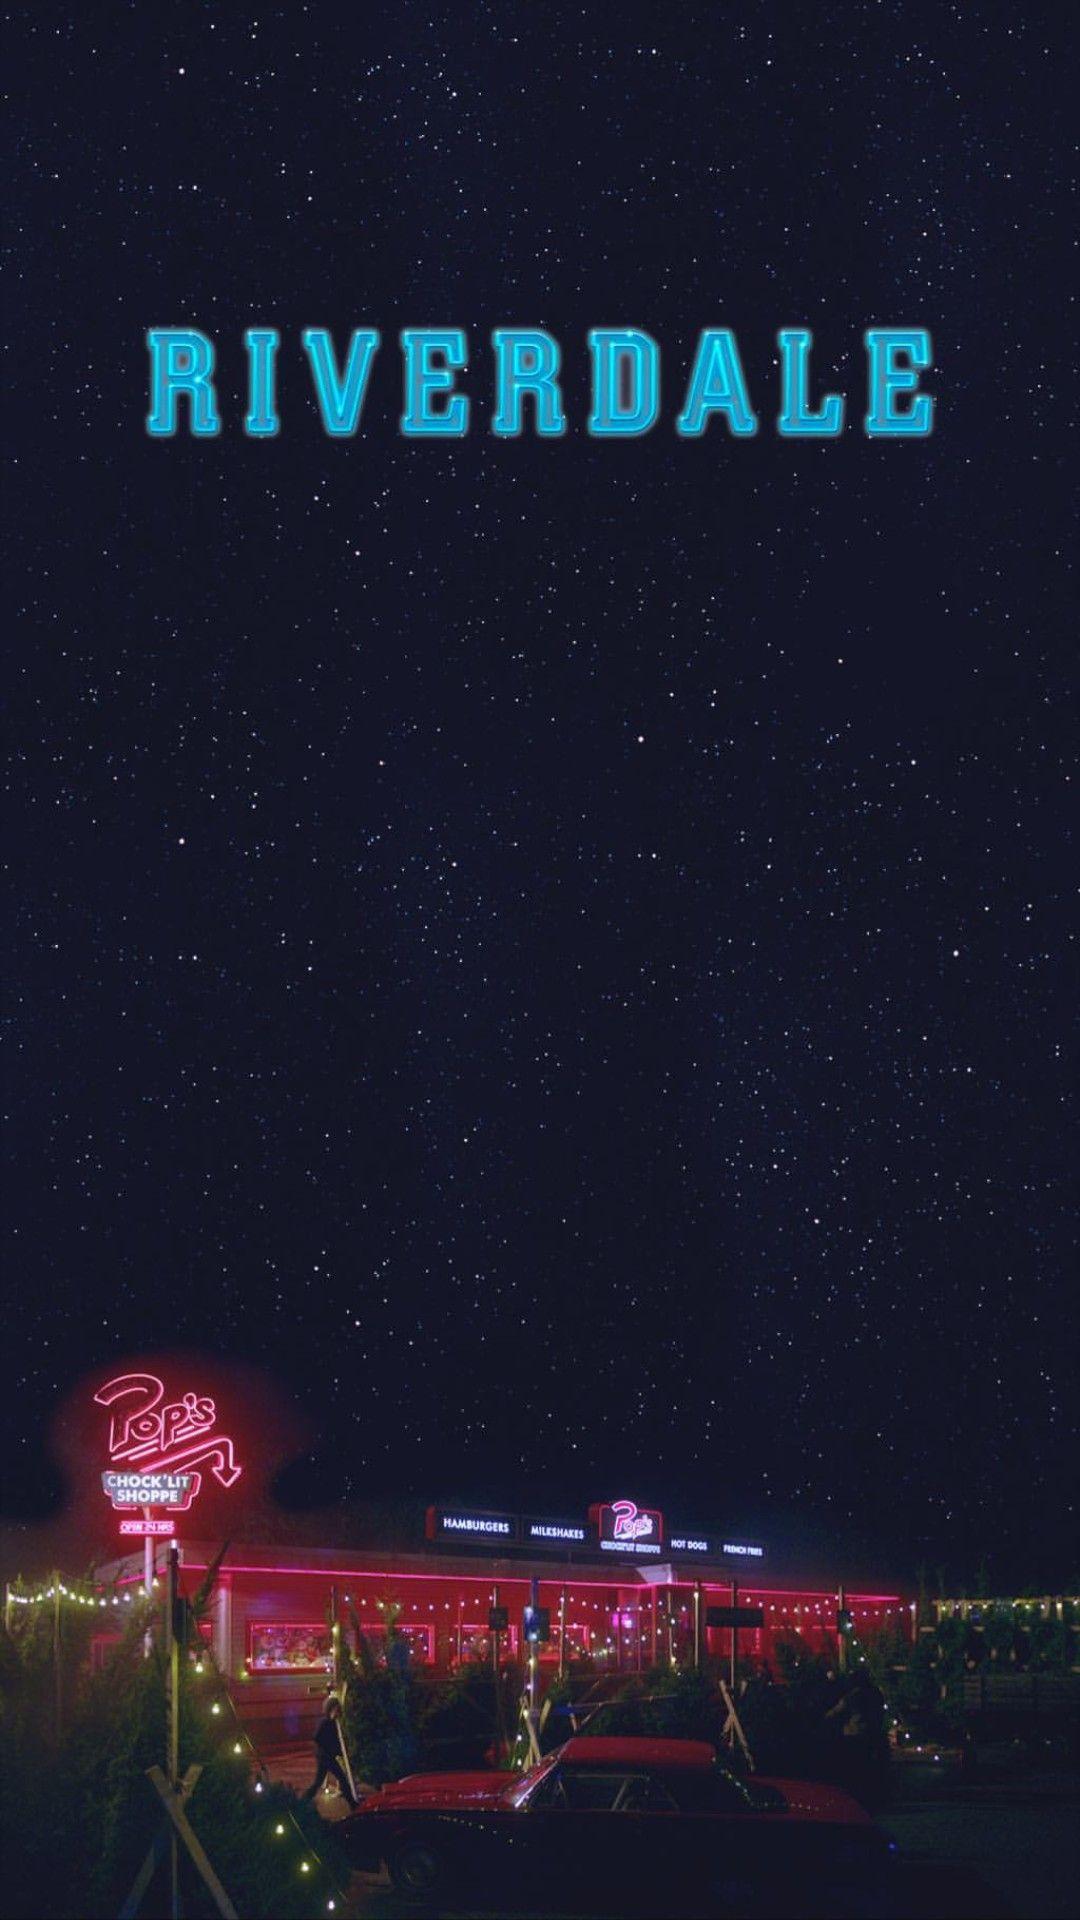 Riverdale wallpaper Fond d'écran téléphone